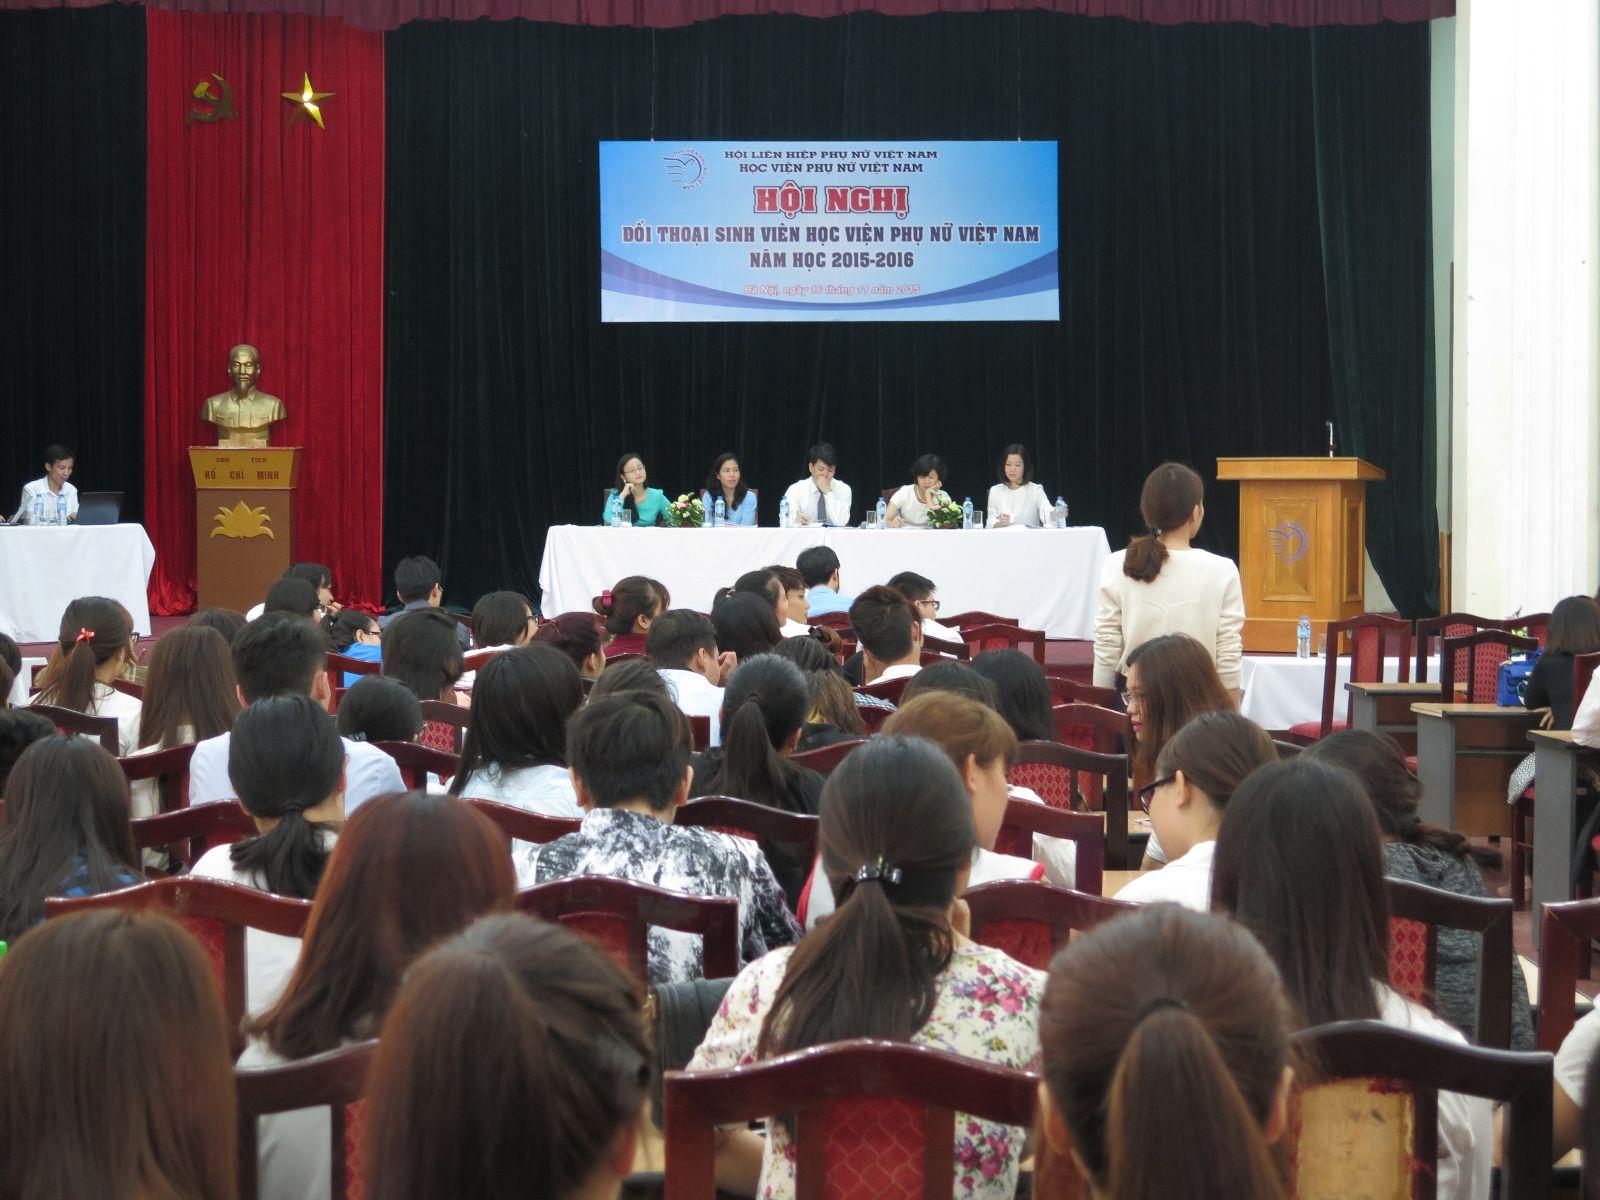 Hội nghị đối thoại sinh viên Học viện Phụ nữ Việt Nam